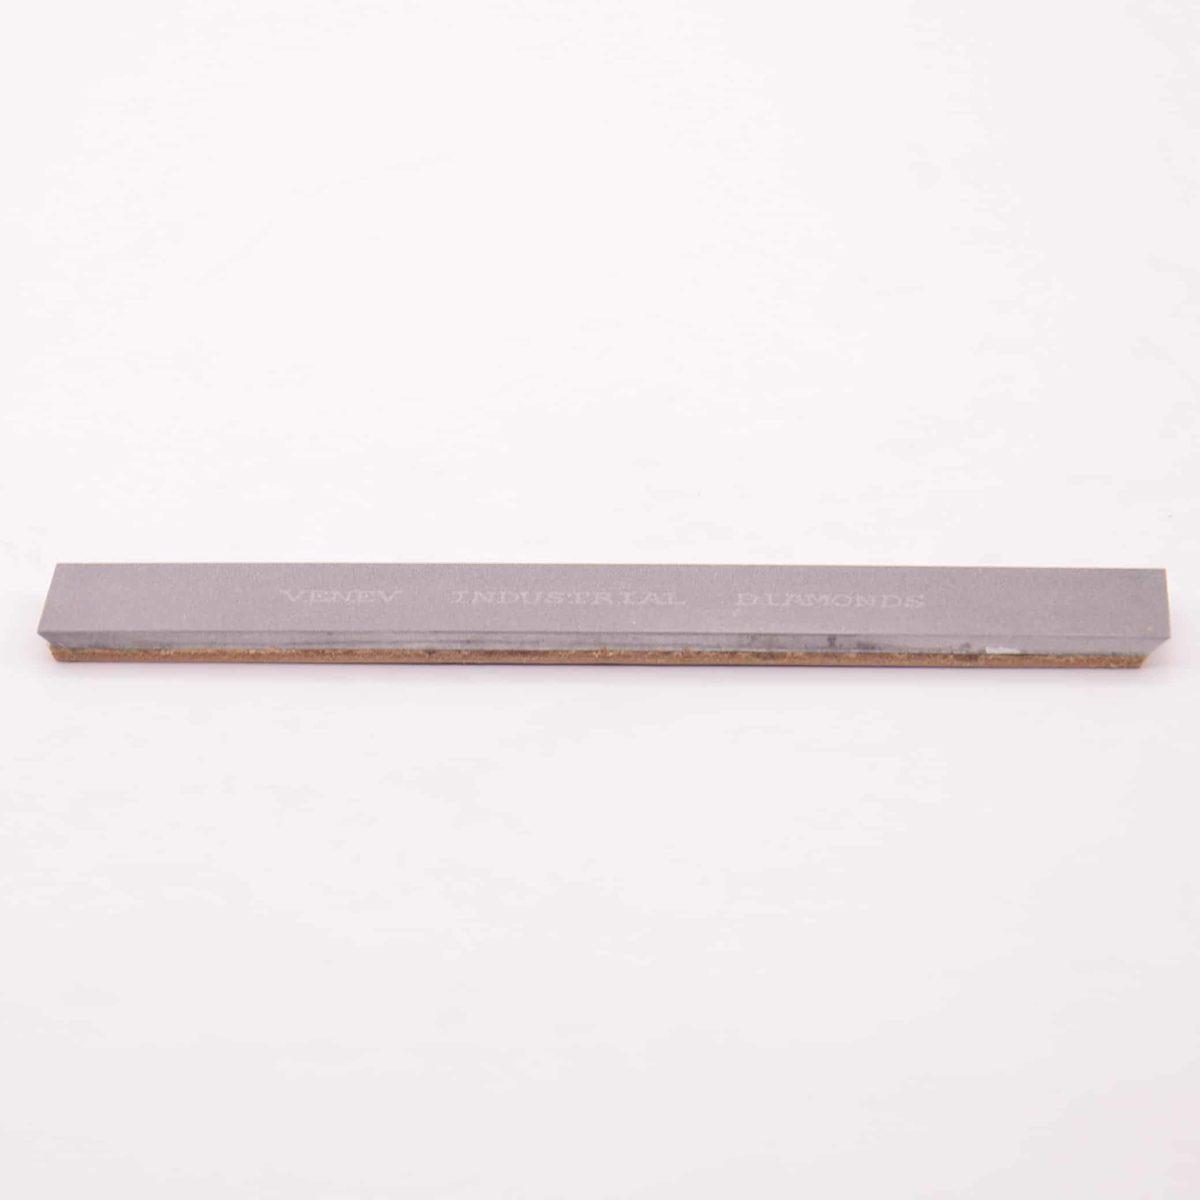 Бланк алюминиевый с кожей VID (доводочный) 25 мм 3